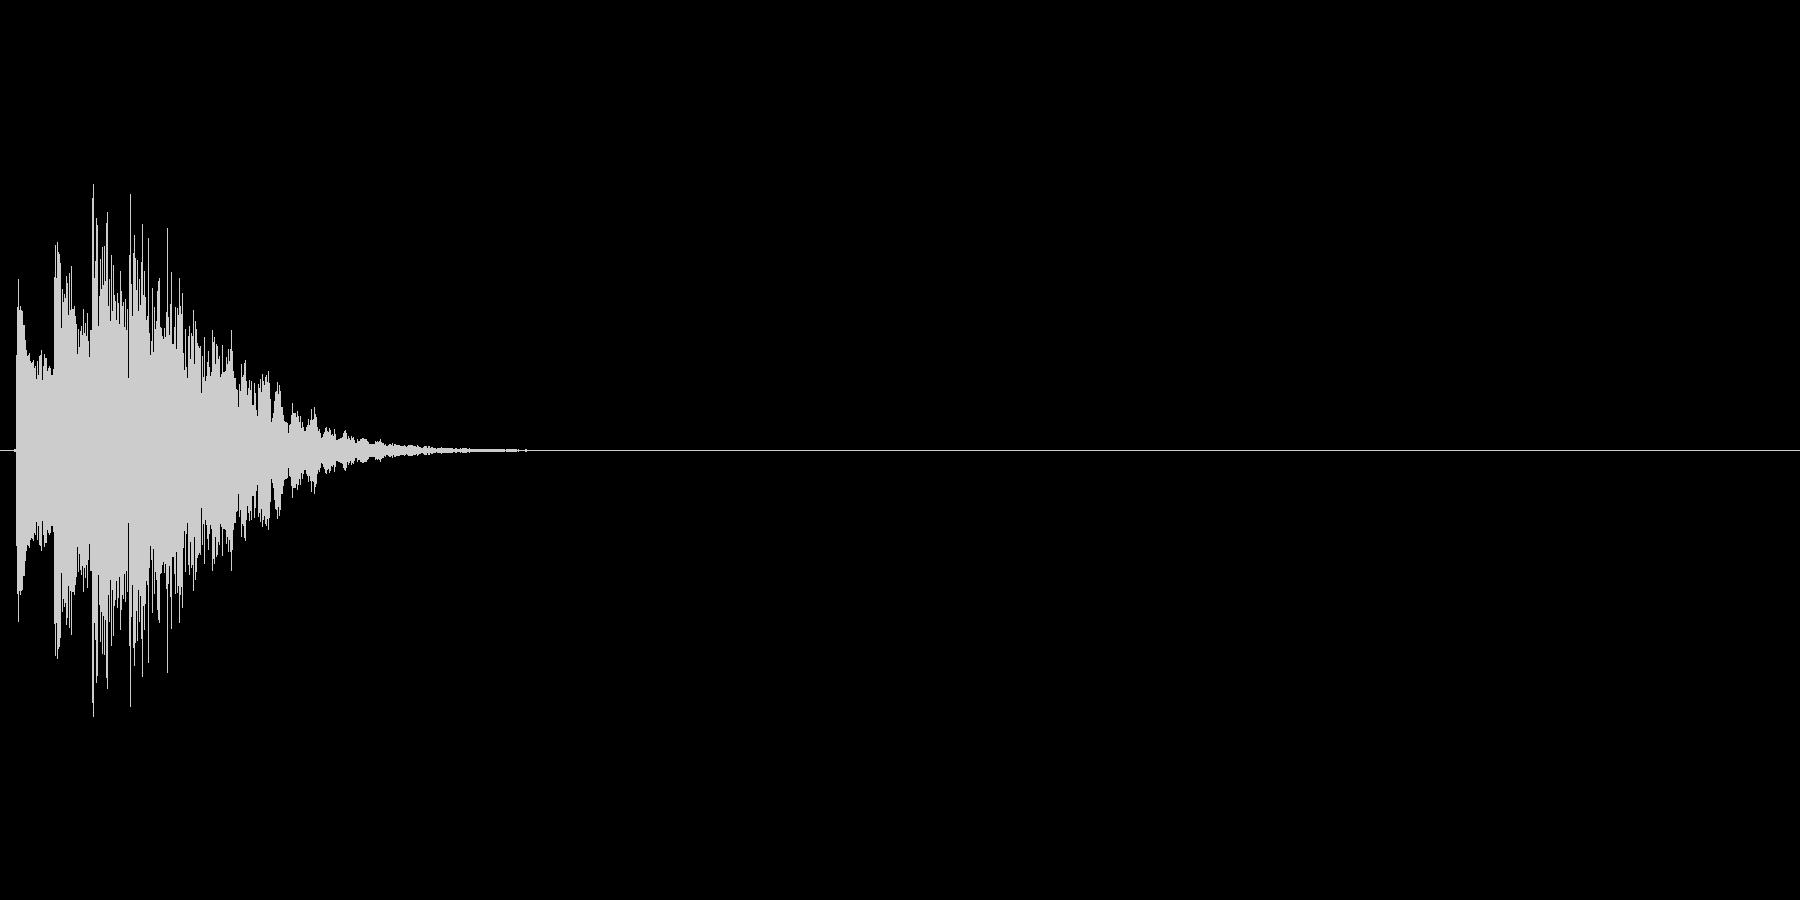 キラキラ↓(キャンセル、戻る)の未再生の波形